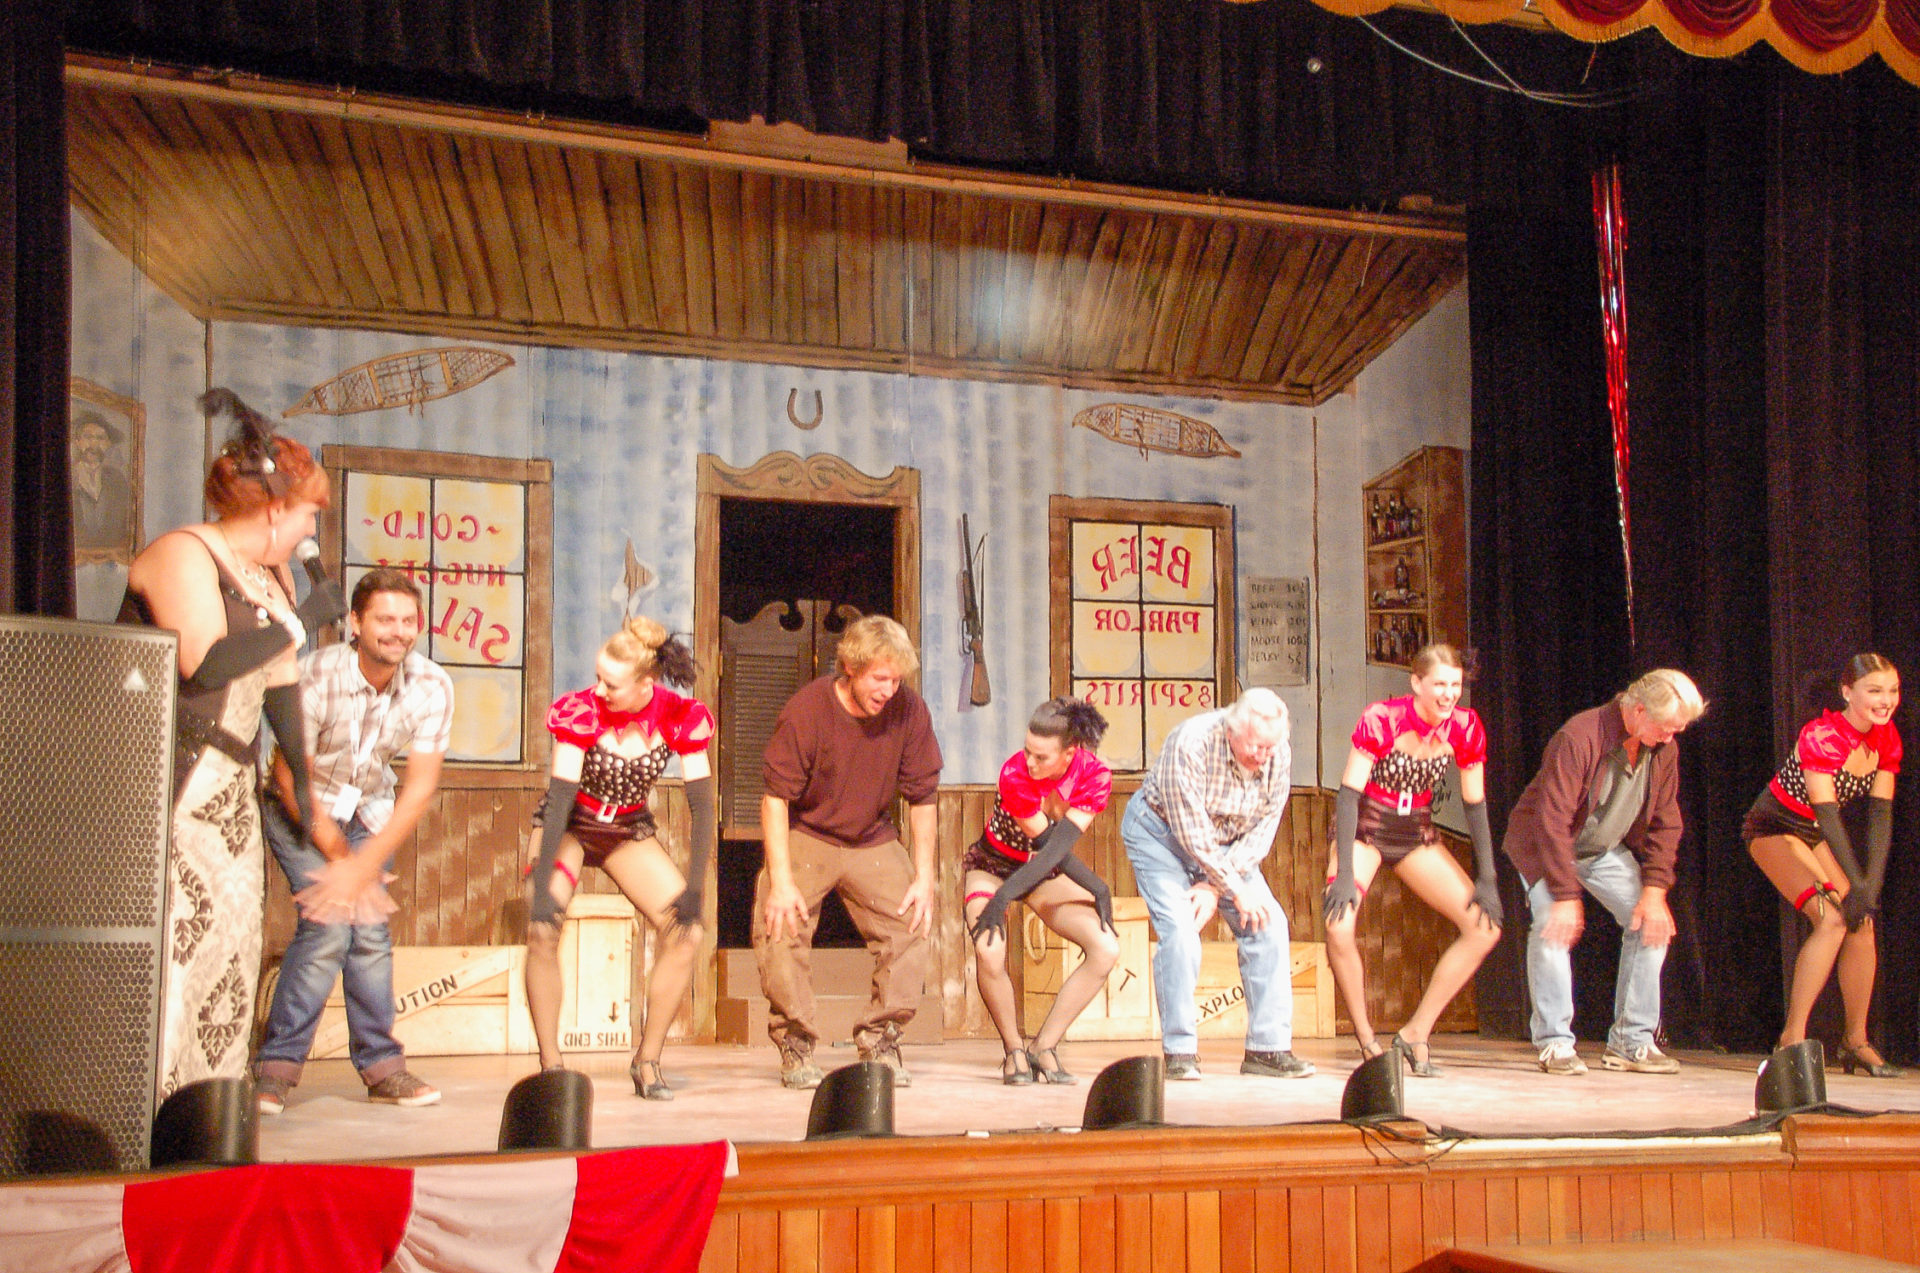 Tänzer auf der Bühne beim zweiten Goldrausch von Dawson City